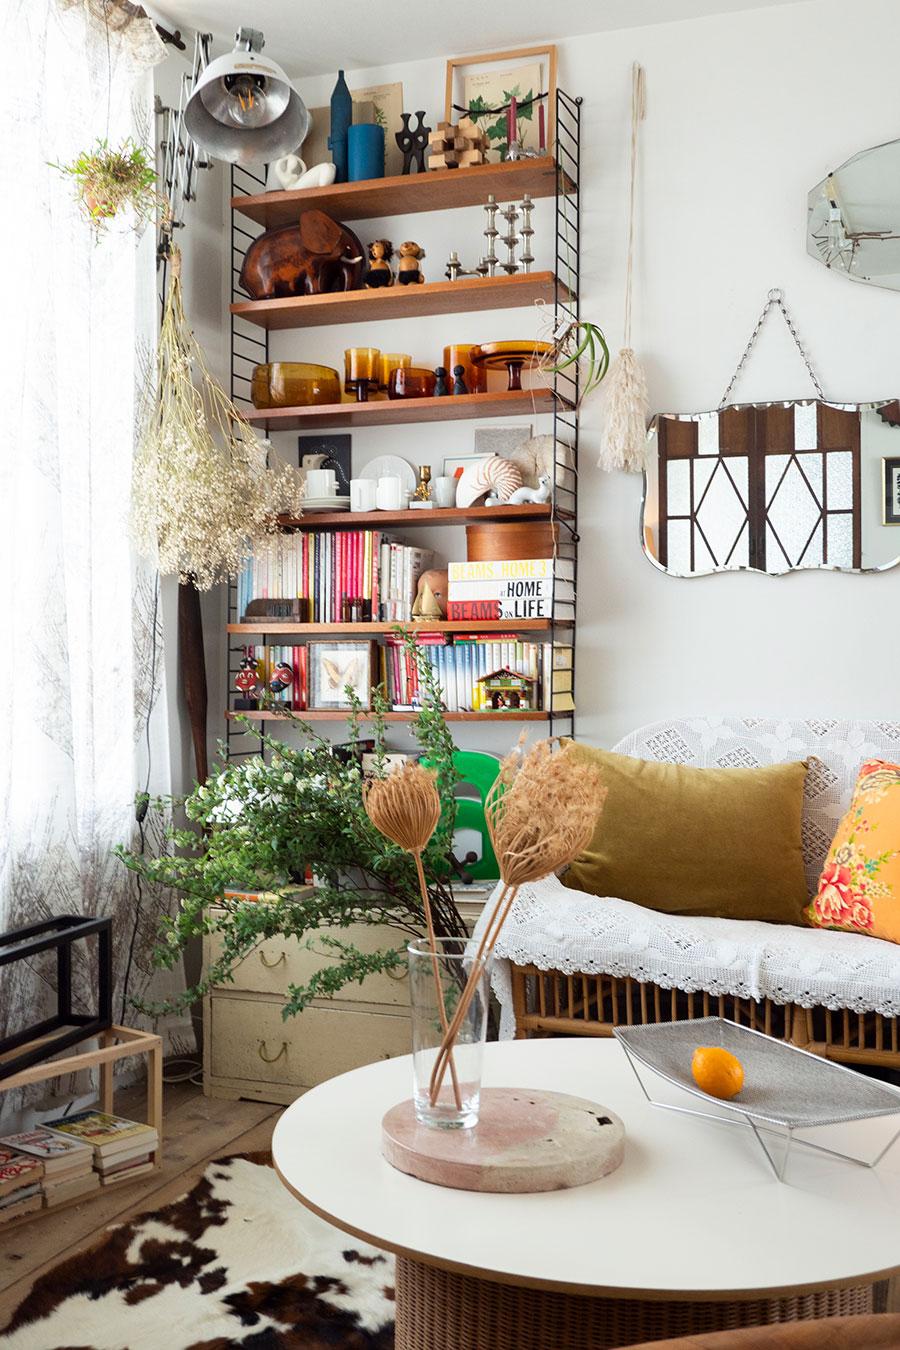 スウェーデンの建築家が考案した壁掛け収納システムstring shelfに、思い入れのある雑貨や本をディスプレイ。